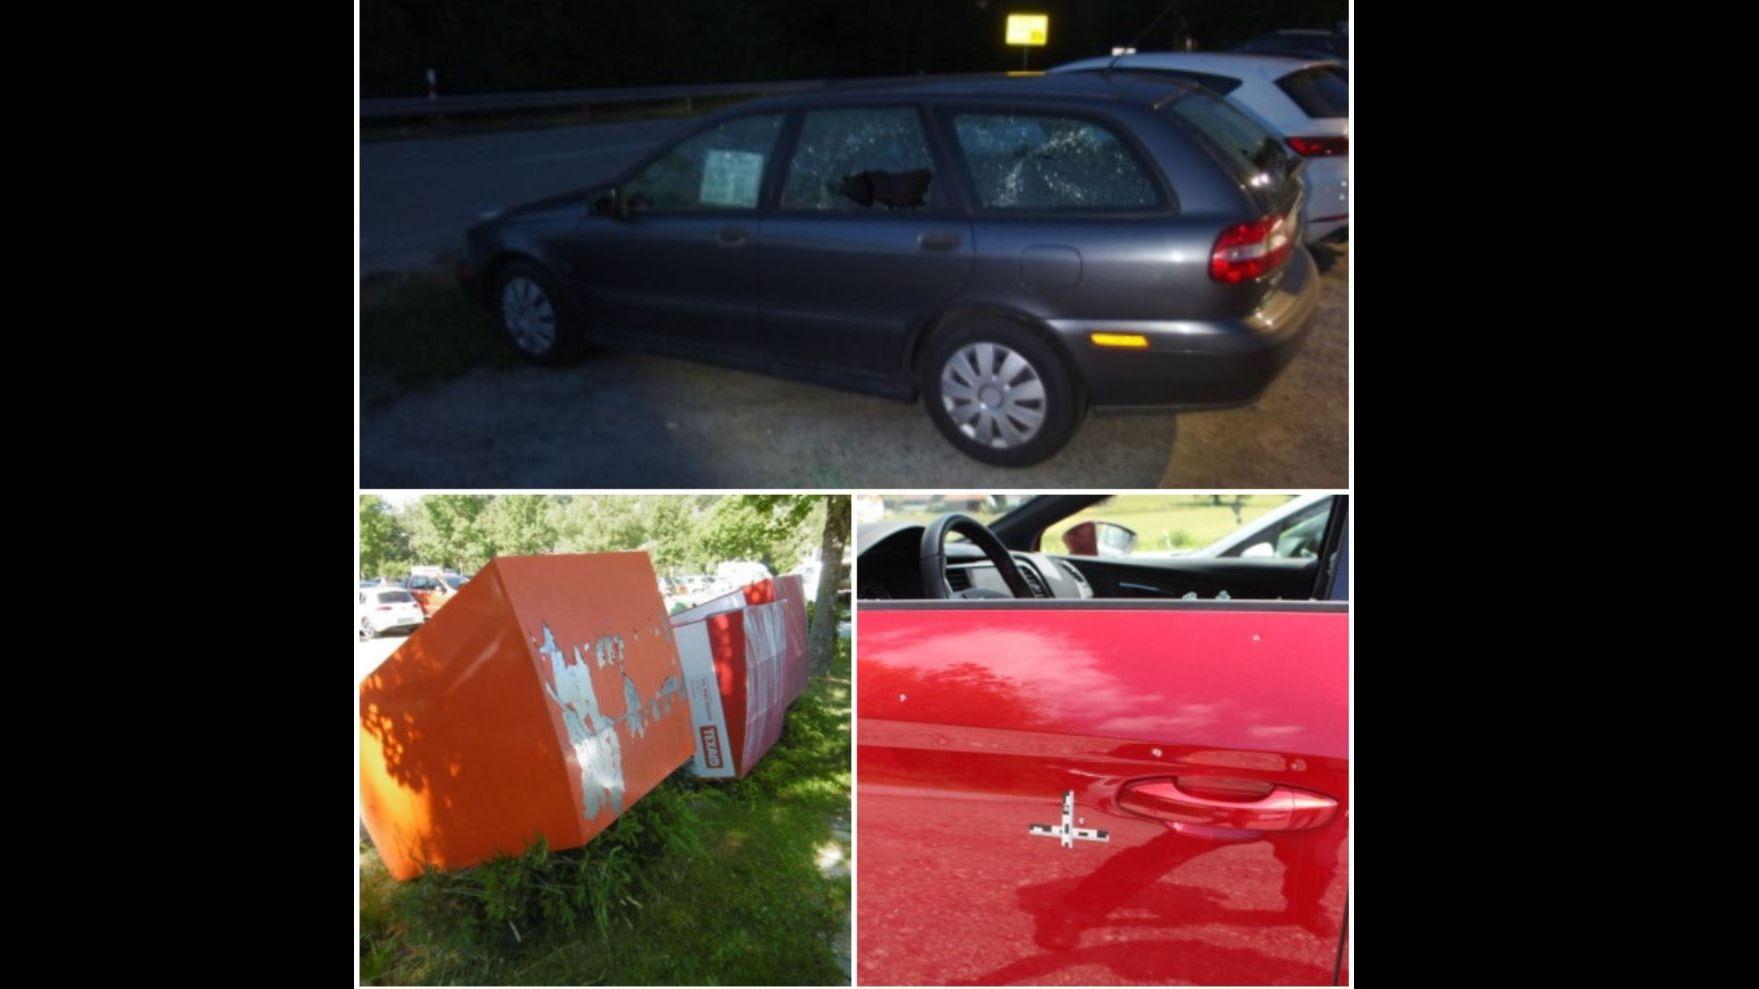 Oben: Eingeschlagene Autoscheiben. Unten links: Umgekippte Müllcontainer. Unten rechts: Angeschossene Fahrertür.